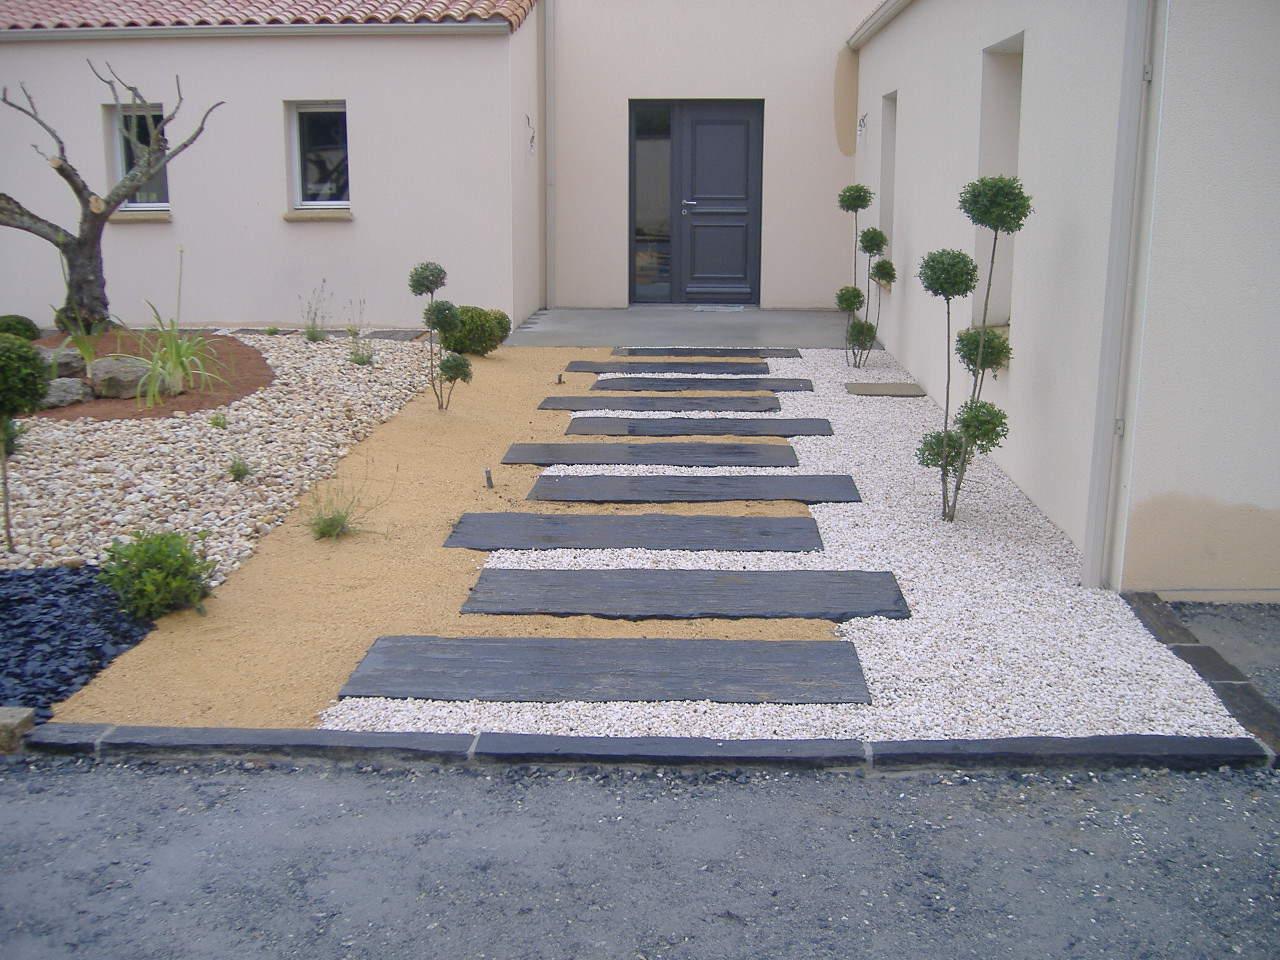 Aménagement d entrée de maison - Menuiserie - Aménagement Entrée Maison